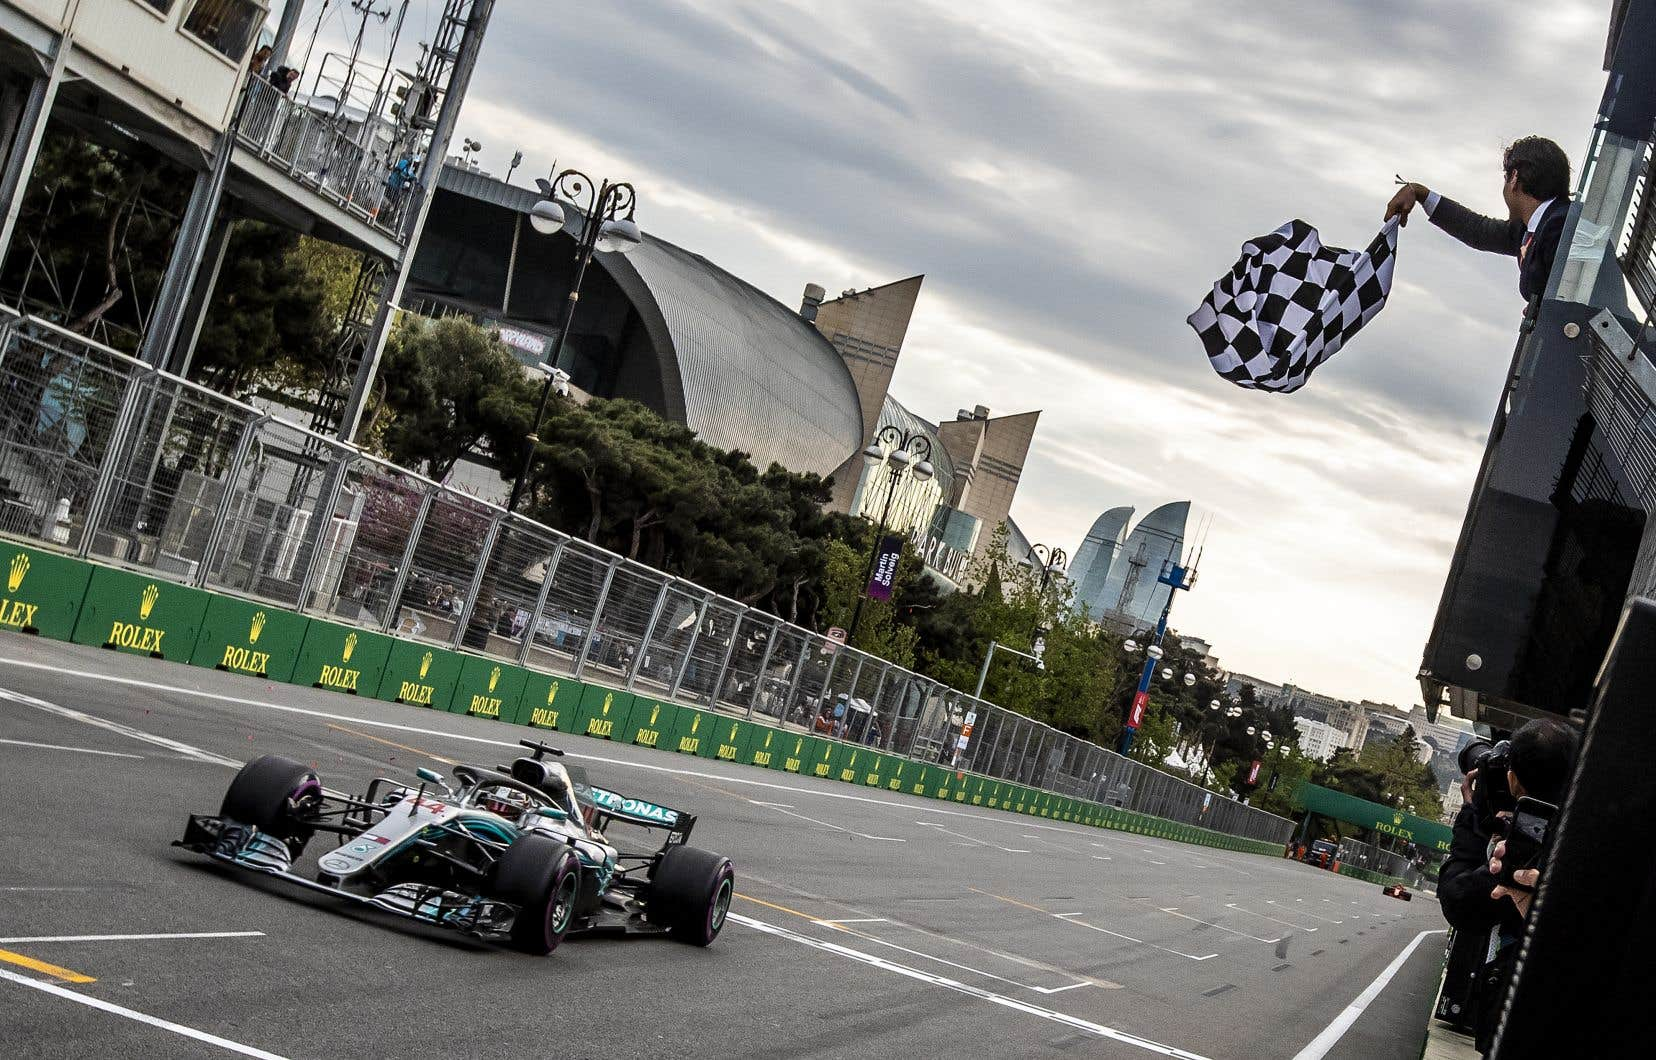 Avec cette victoire, Hamilton ravit la tête du classement général, quatre points devant Vettel, quatrième.